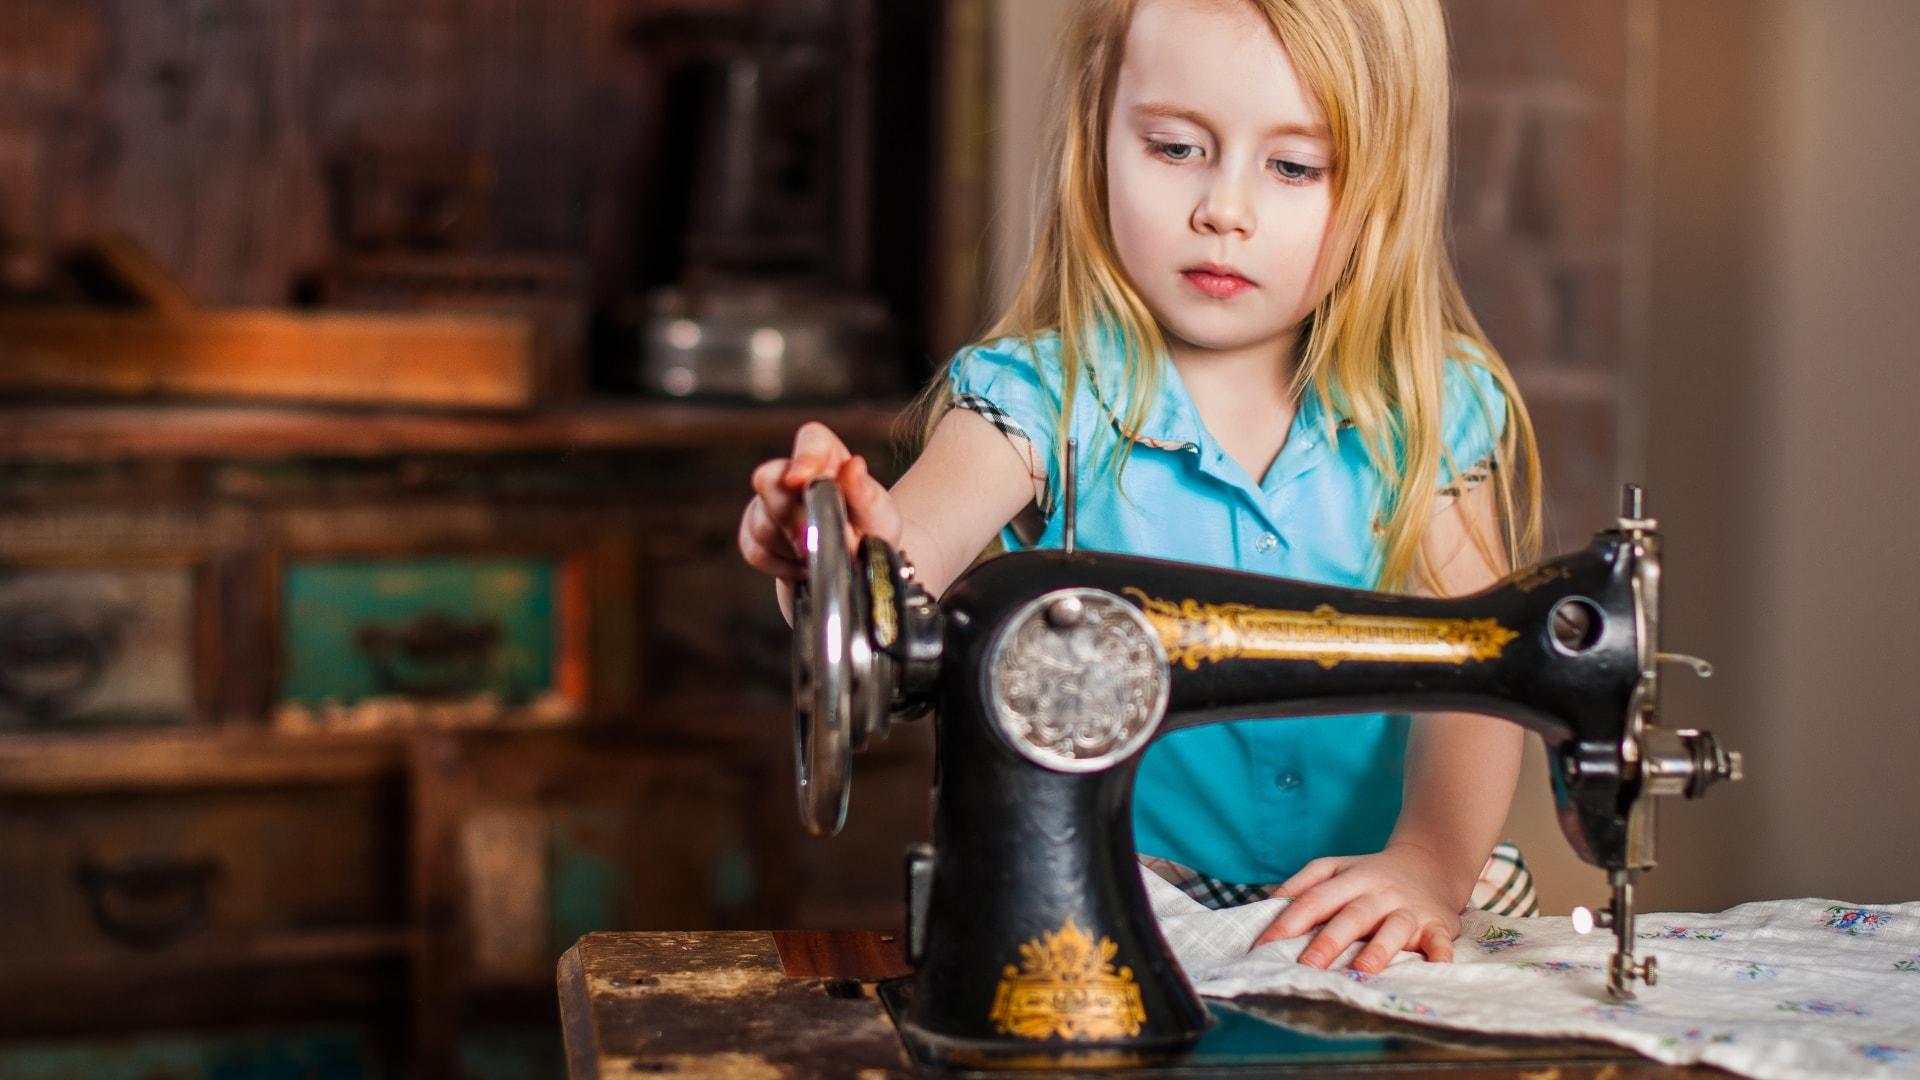 洋裁教室や独学でお悩みの方に最適な24時間自宅で学べる365回講座 あなたの夢を確かなものに 縫いたい.net Lataちゃん 幼い時に作りたいと願った想いを叶えるお手伝いをします。洋裁教室や独学でお悩みの方に最適な24時間自宅で学べる365回講座